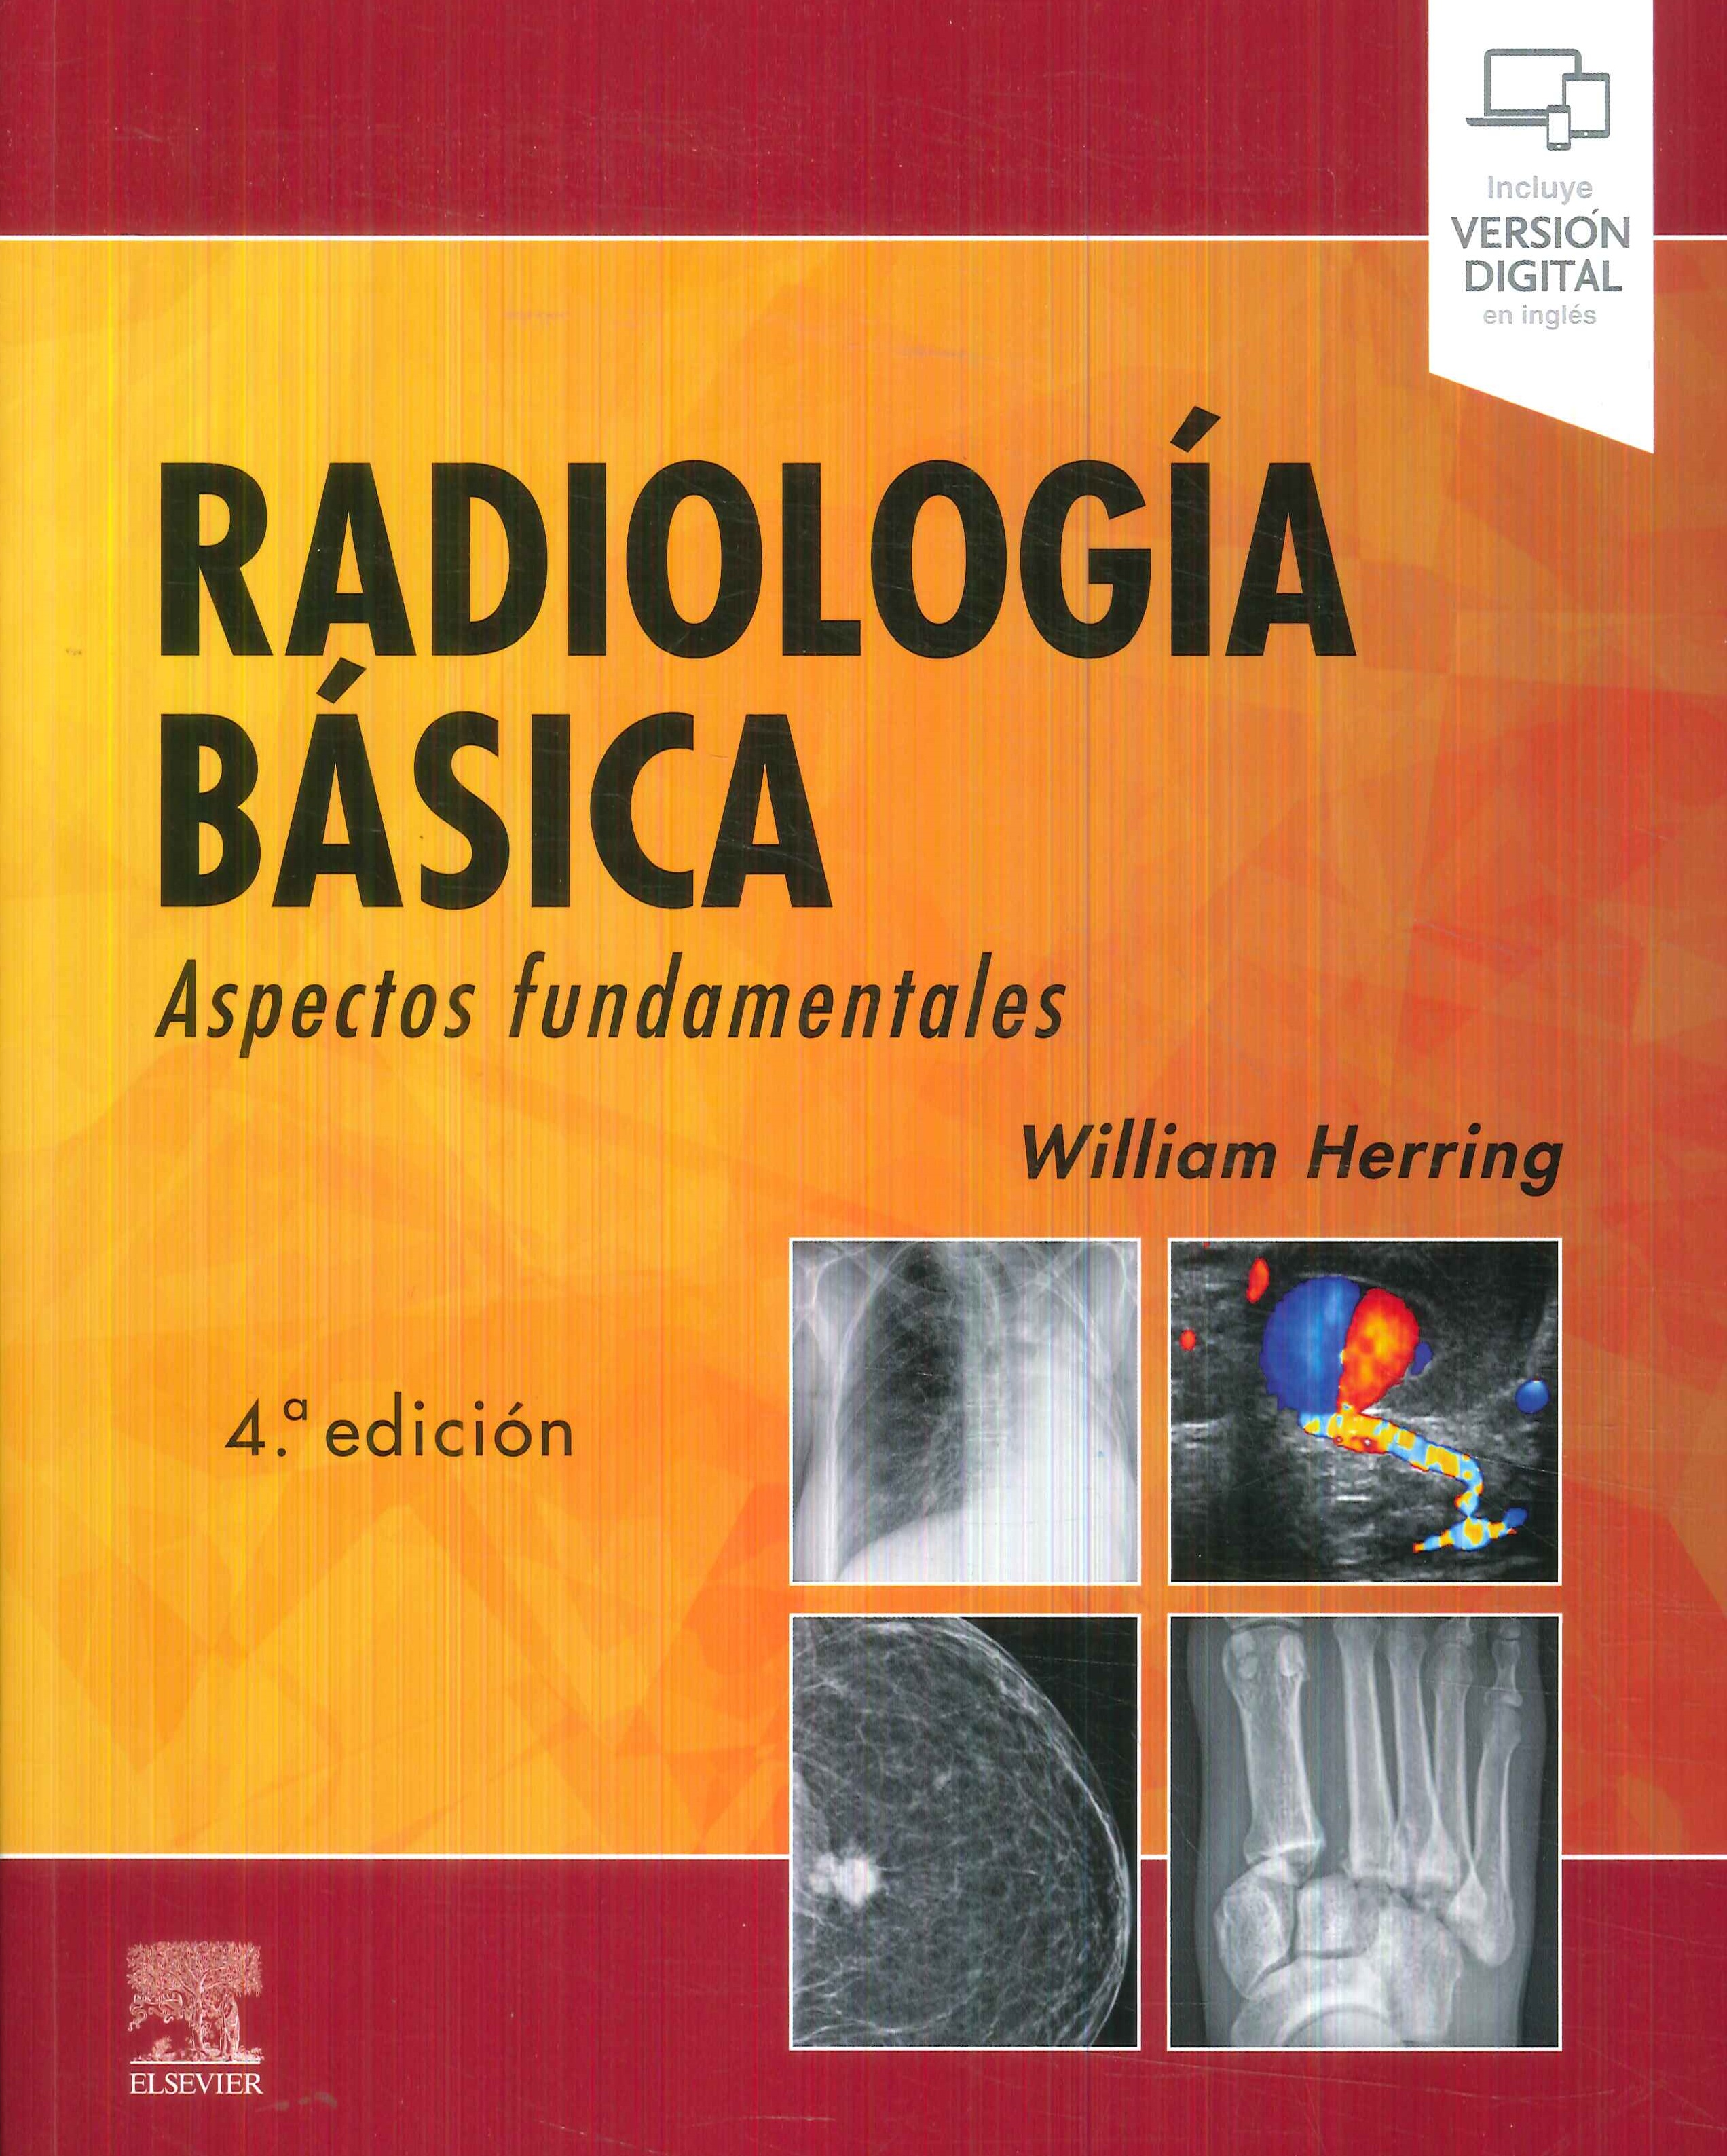 Radiología Básica. Aspectos fundamentales